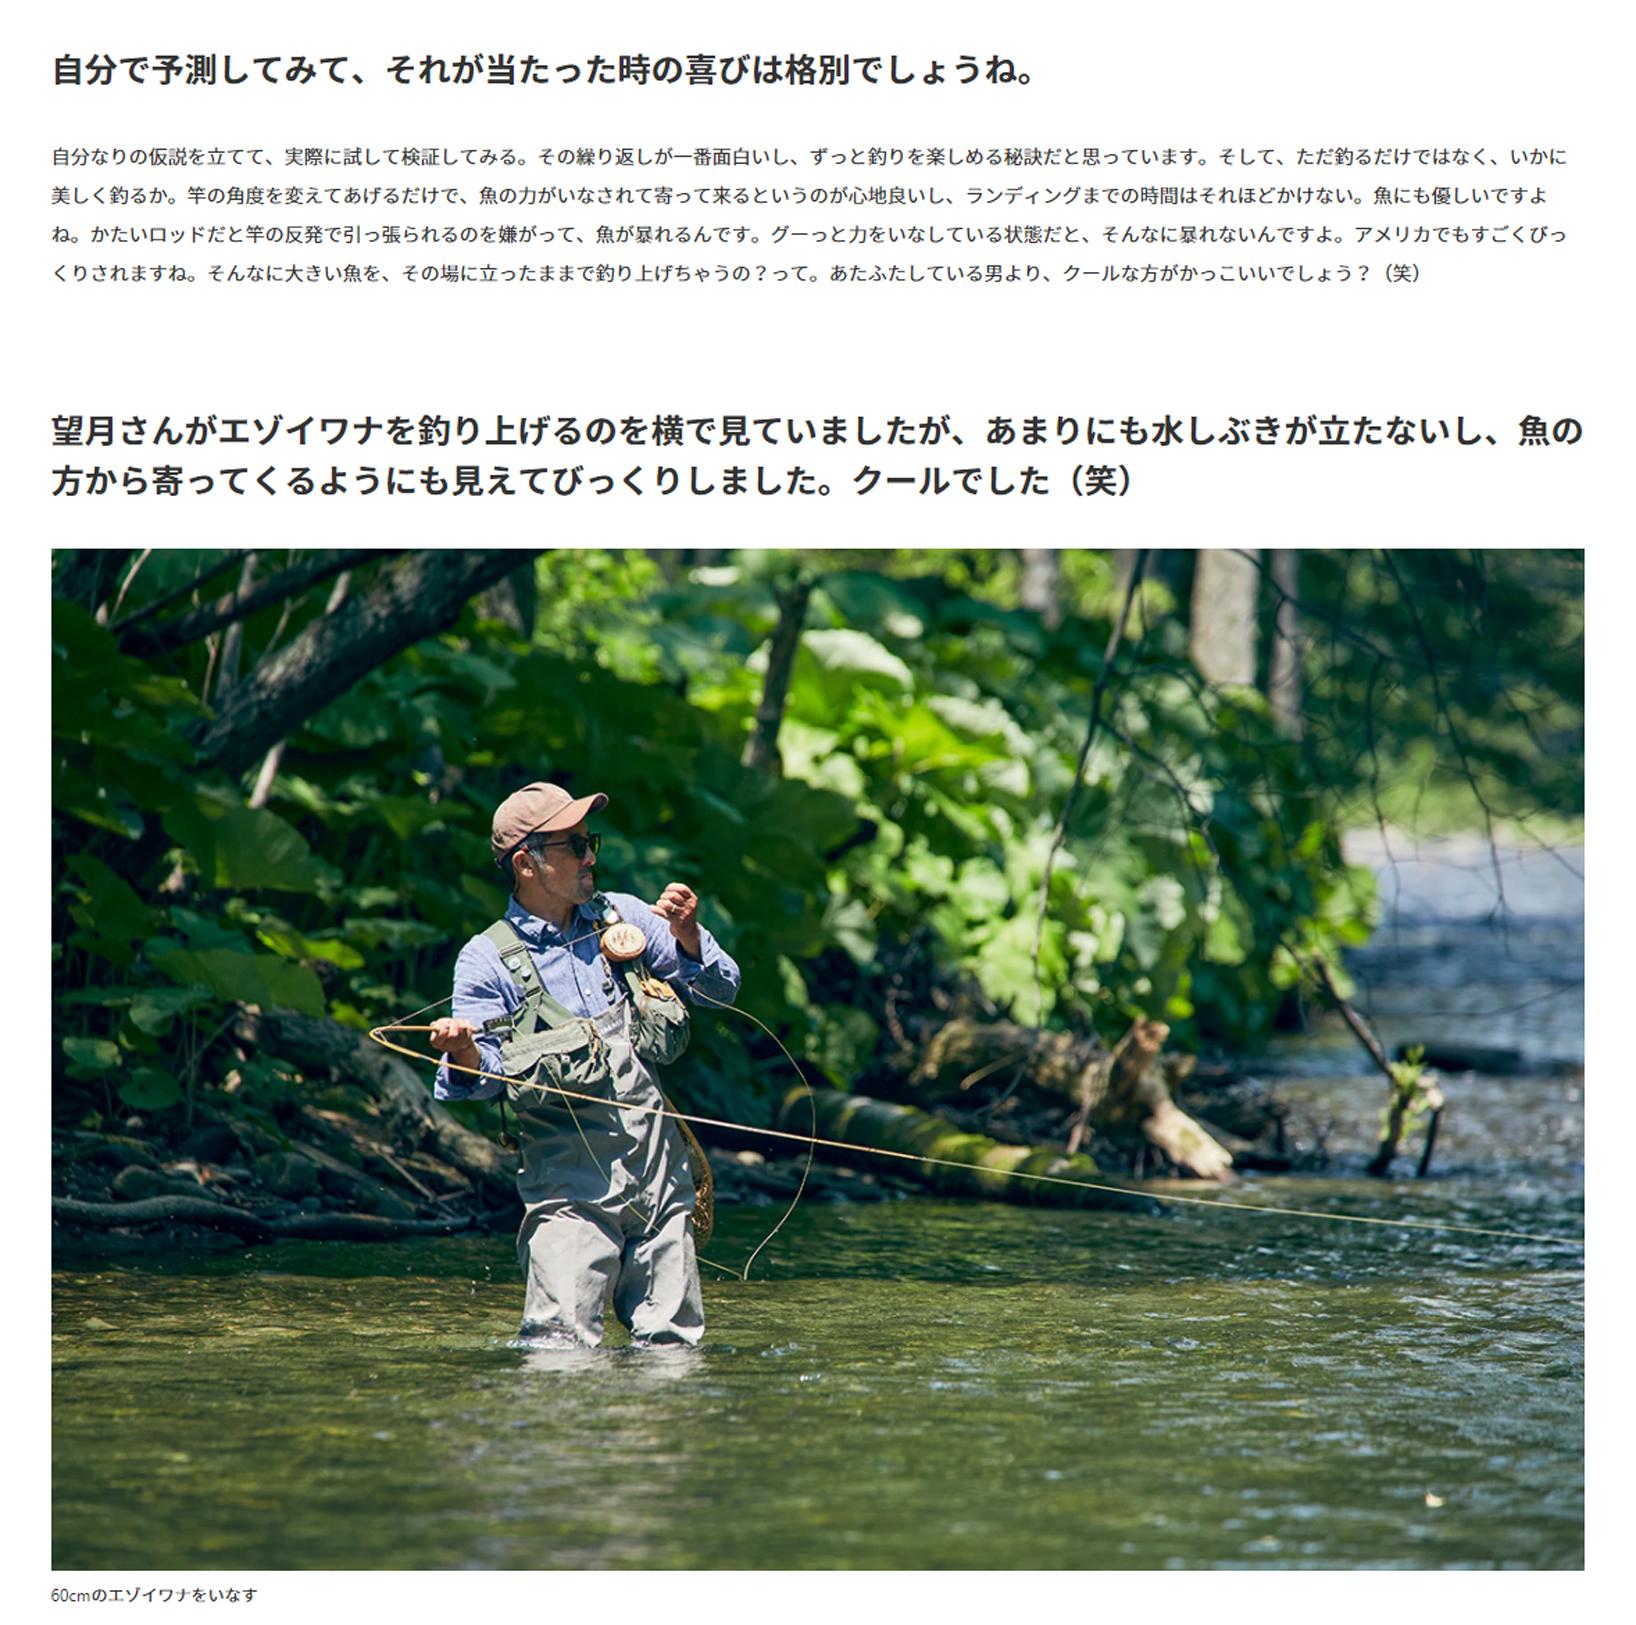 【技に触れる旅】至高のバンブーロッドを求めてトラウト王国・北海道へ行く14